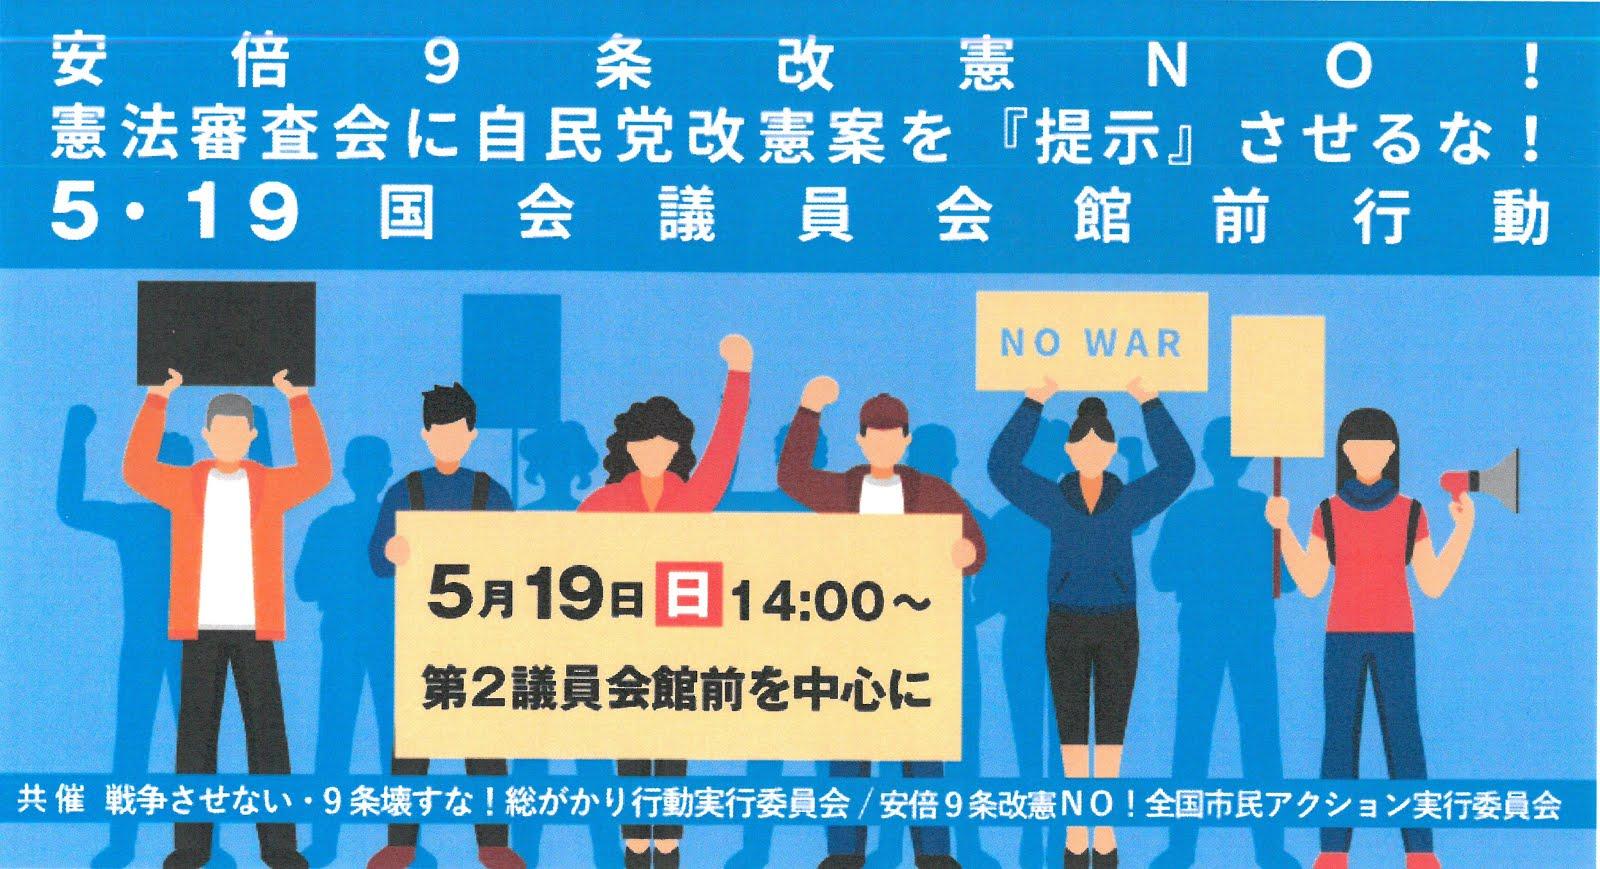 安倍9条改憲NO!自民4項目提示させるな!議員会館前行動 5月19日(日)14:00~